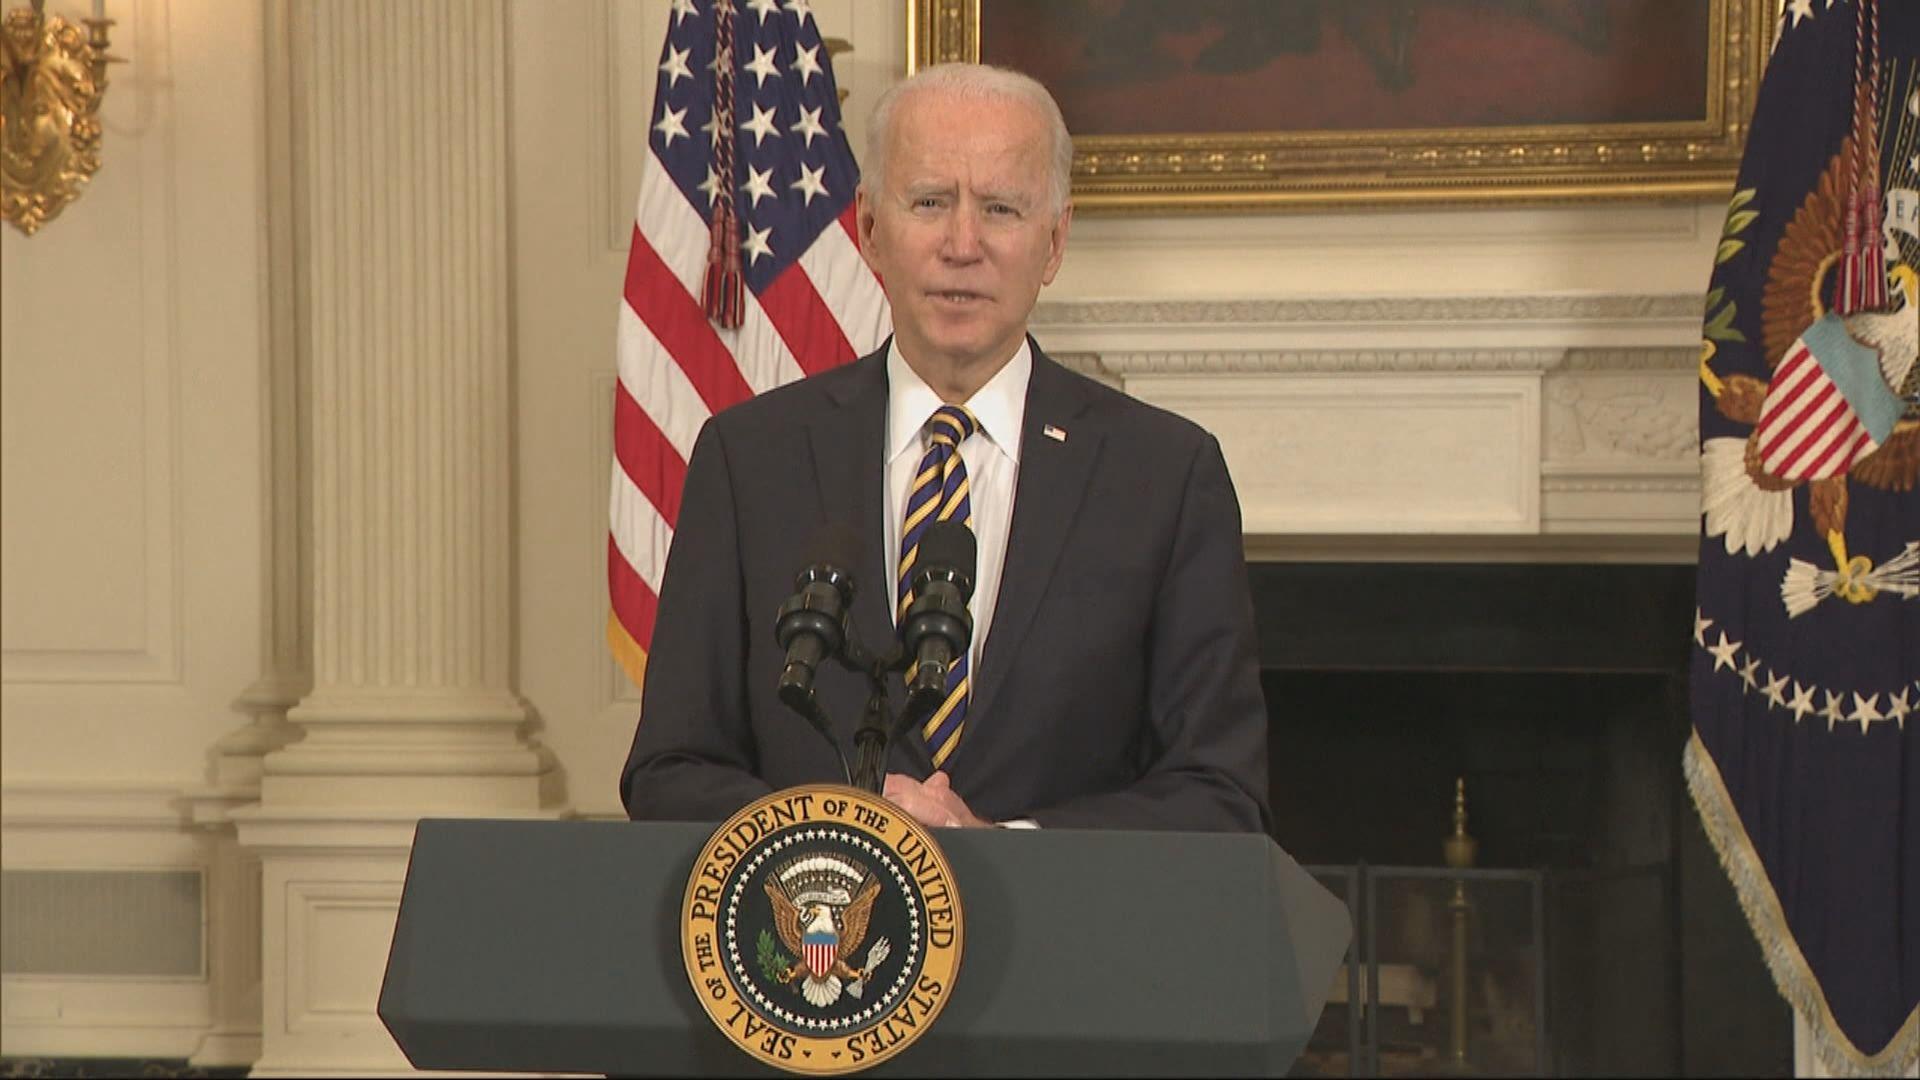 拜登:美國將與有共同價值盟友合作 確保國家安全